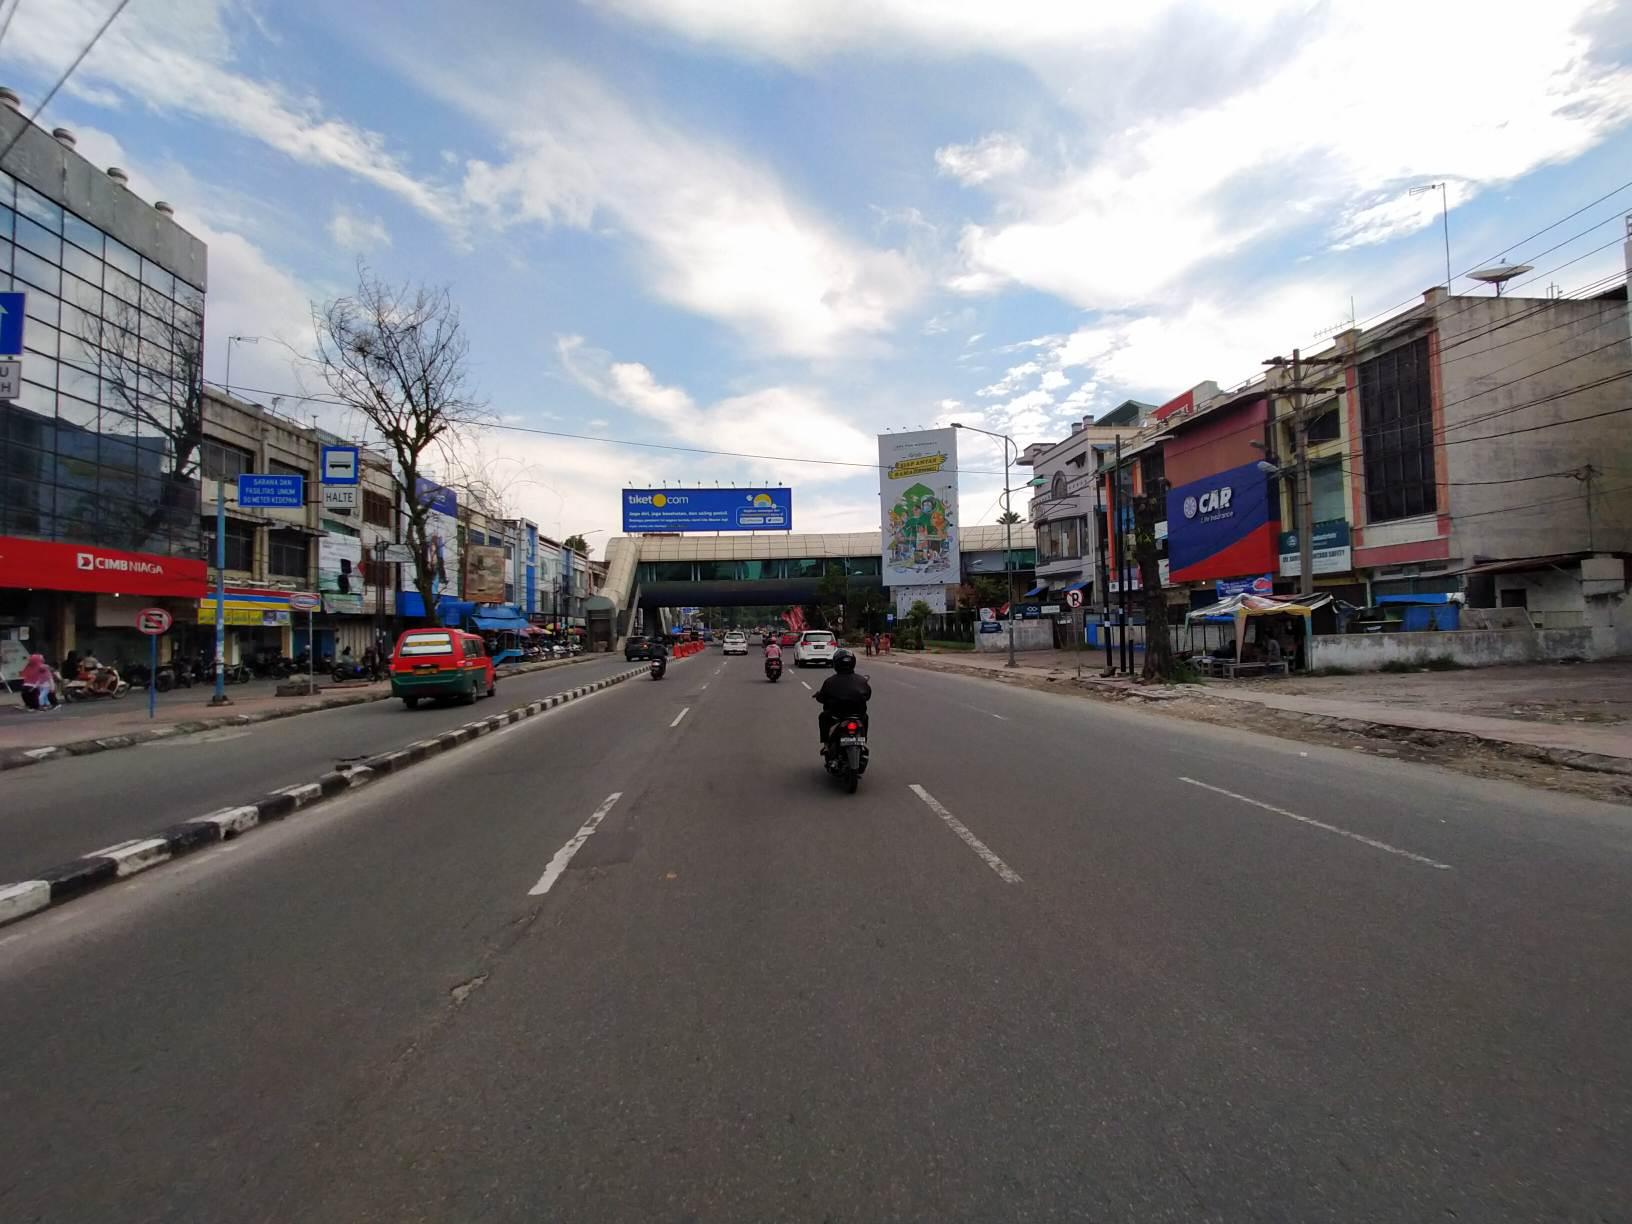 Imbas Corona, Suasana Ruas Jalan di Pusat Kota Medan 'Sepi' Jelang Lebaran